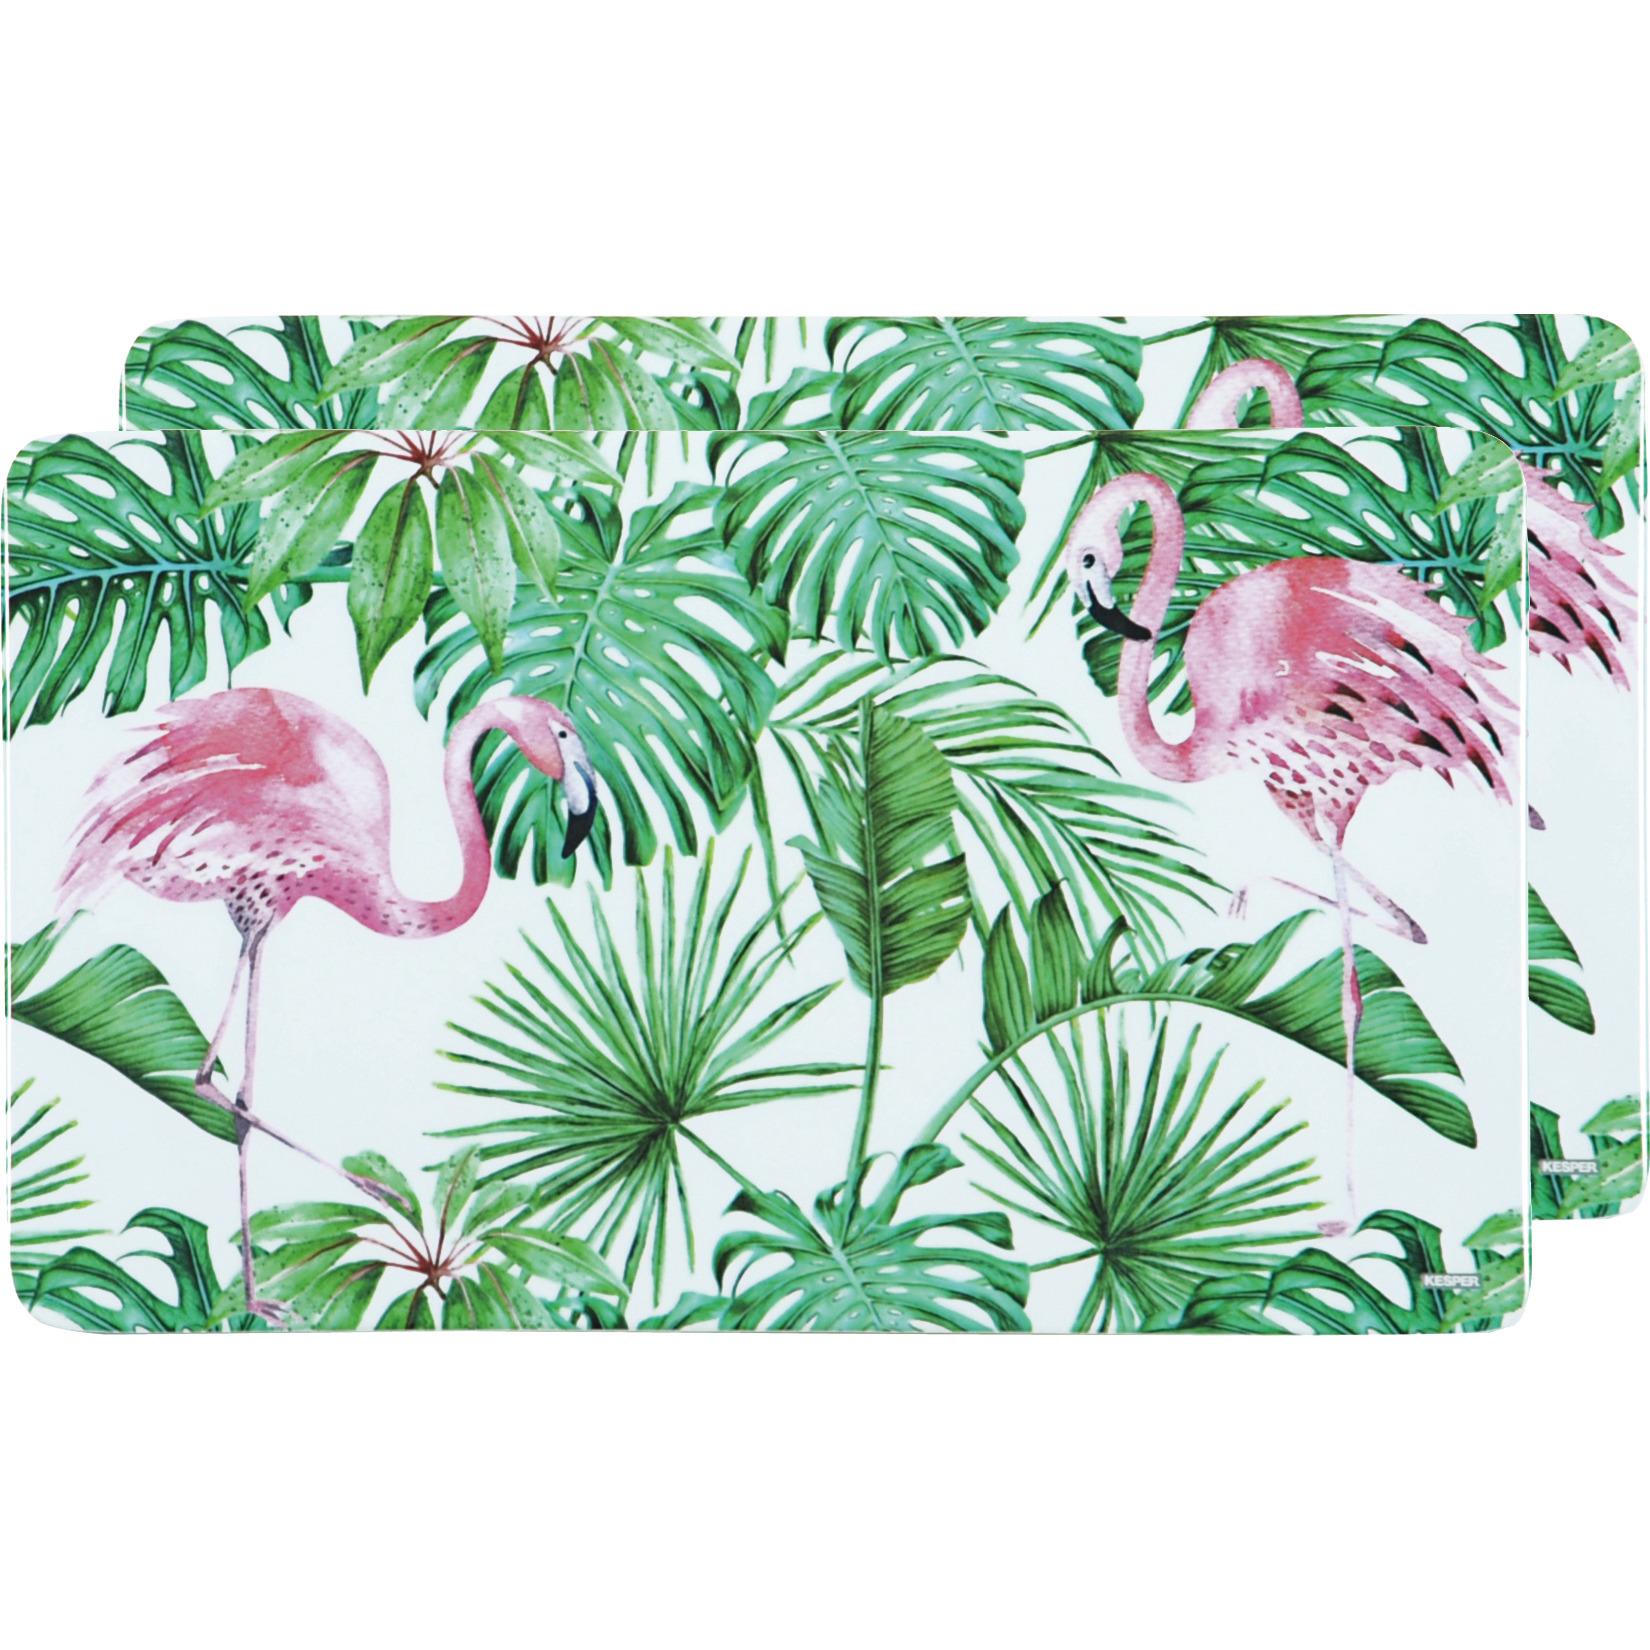 2x Rechthoekige kunststof bordjes/plankjes met flamingo print voor kinderen